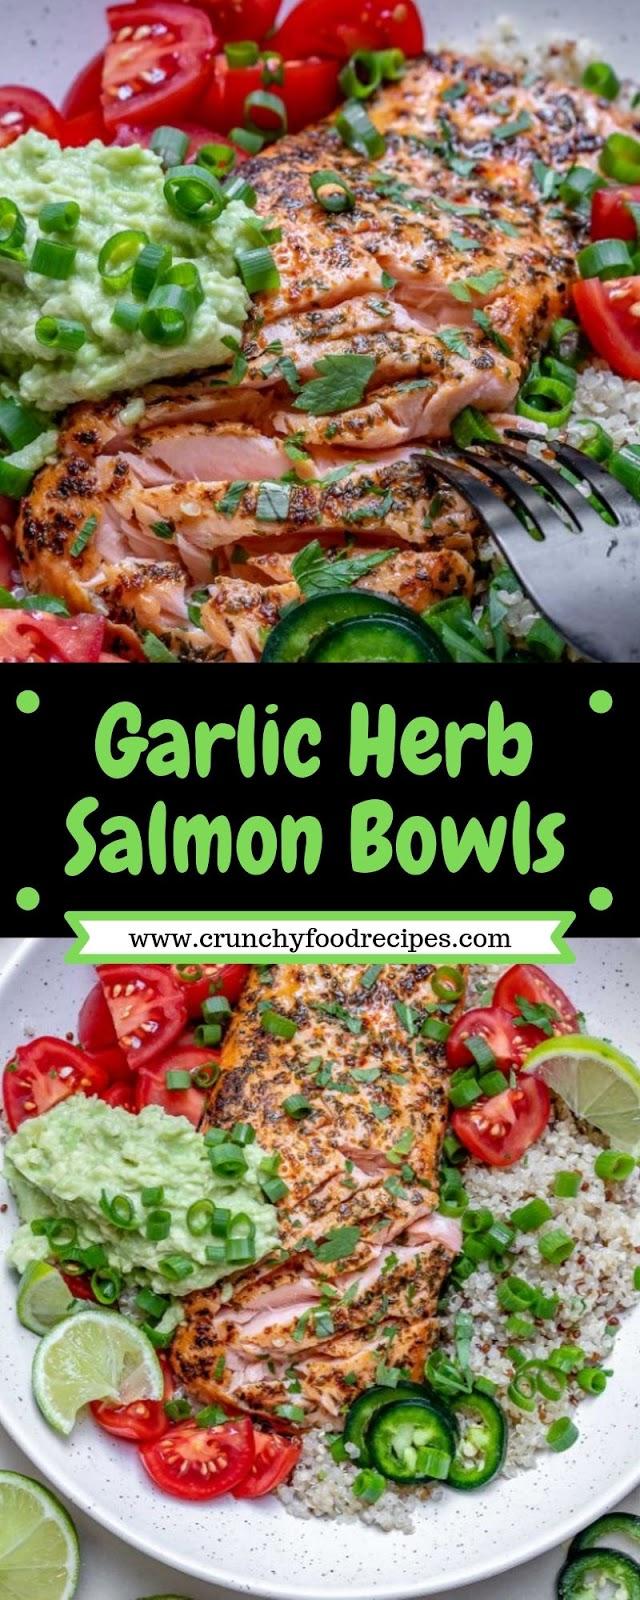 Garlic Herb Salmon Bowls